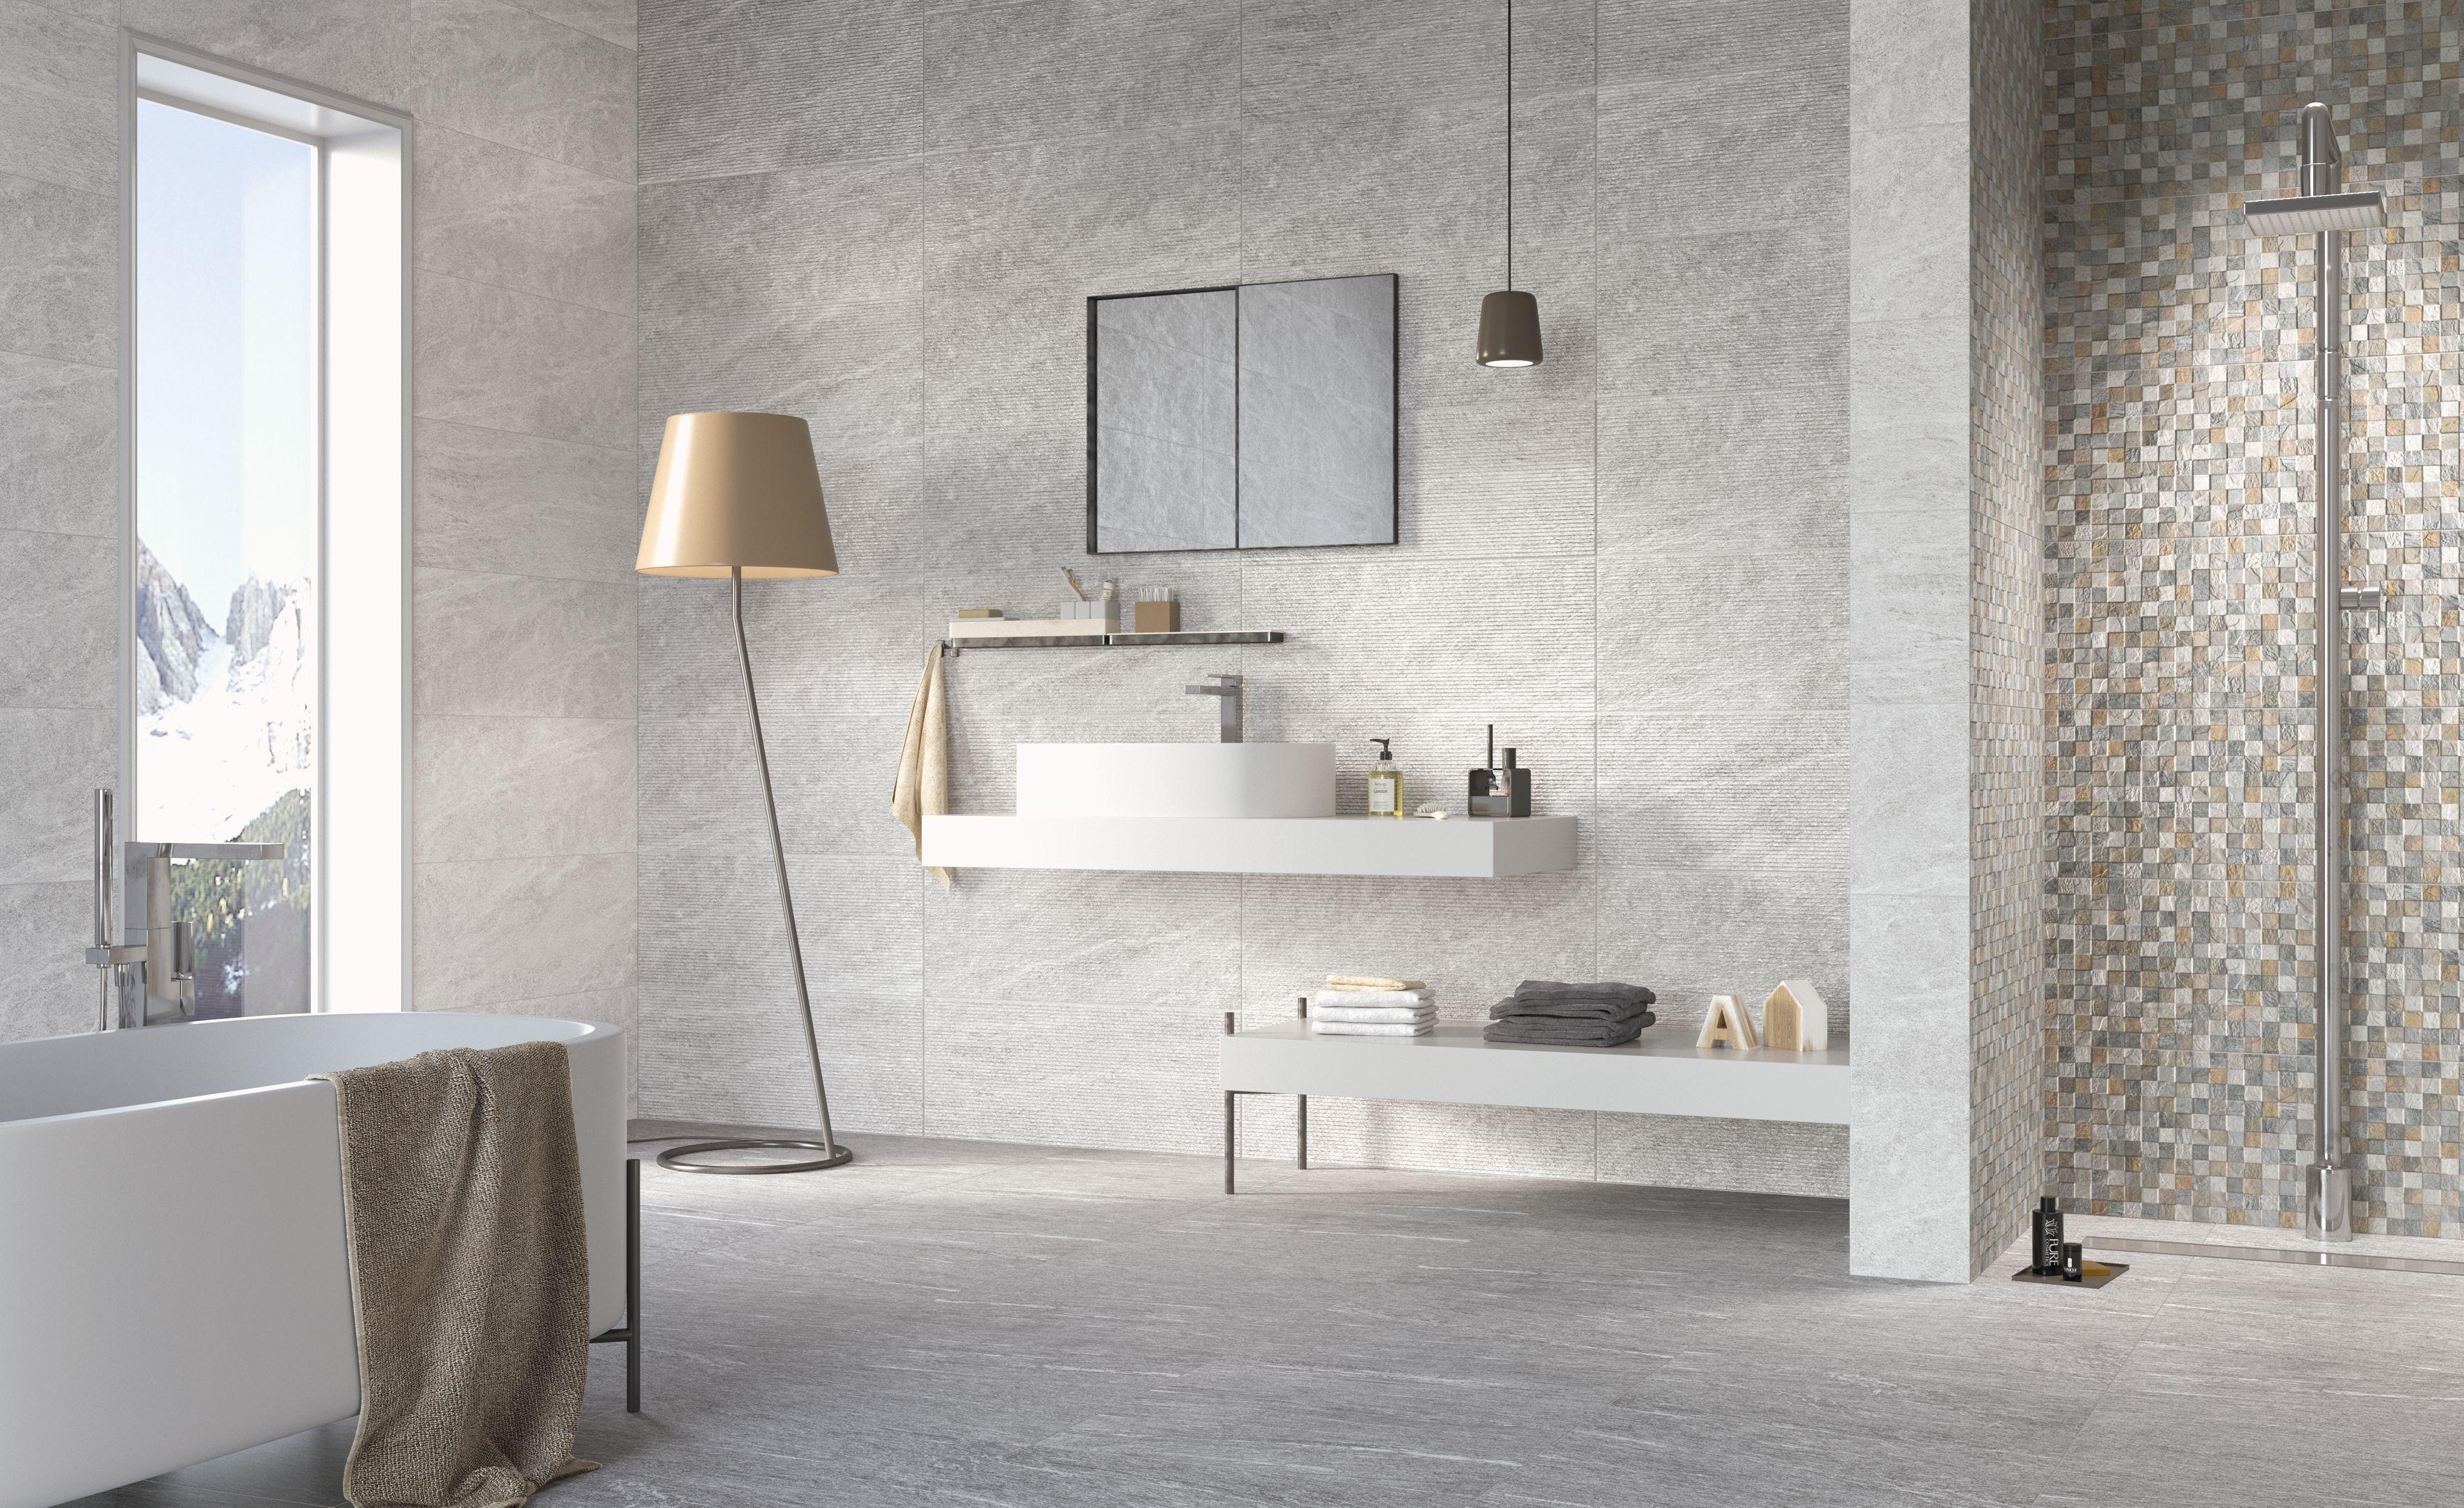 Carrelage intérieur effet pierre 60x60 Silver Naturel Rectifié ...